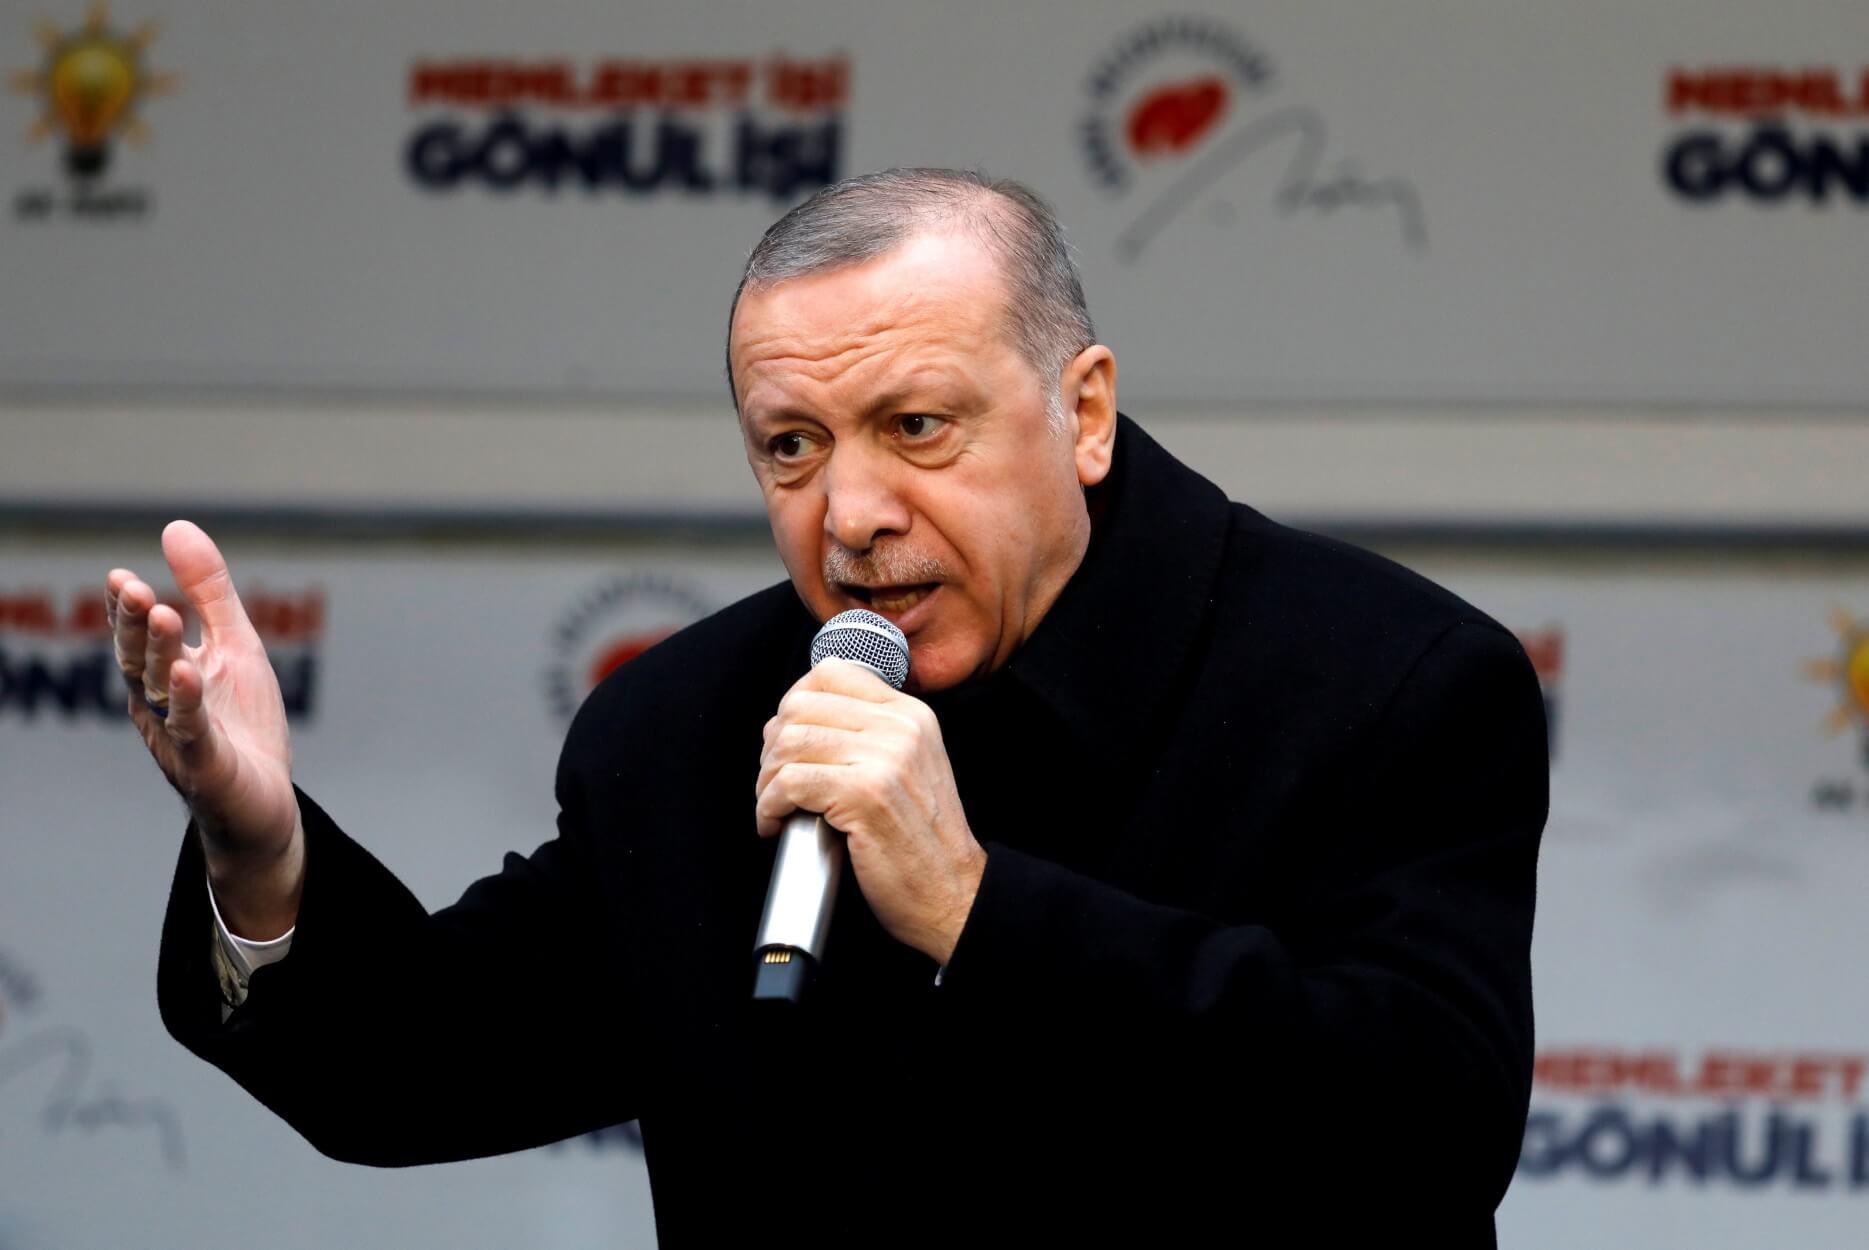 Ερντογάν: Γι' αυτό όλοι εχθρεύονται την μεγάλη μας Τουρκία!